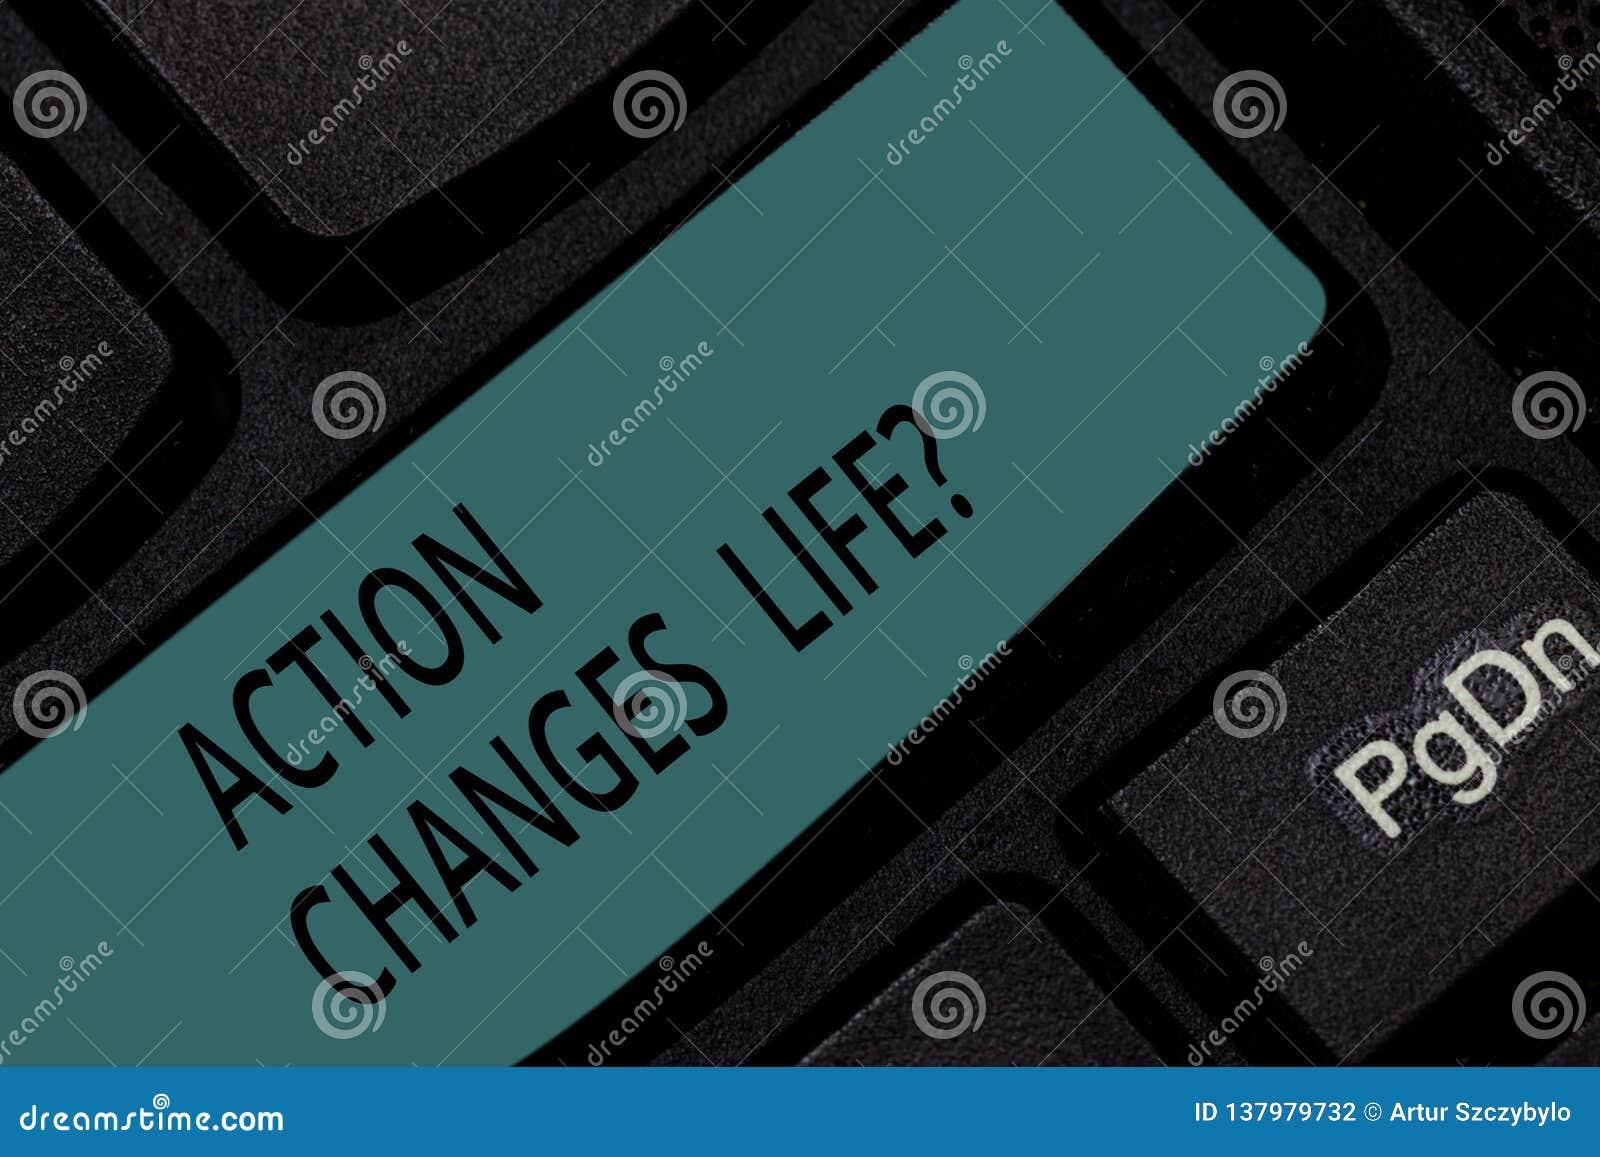 Handskrifttexthandling ändrar saker Begreppsbetydelse som övervinner motgång, genom att ta handling på utmaningtangentbordtangent